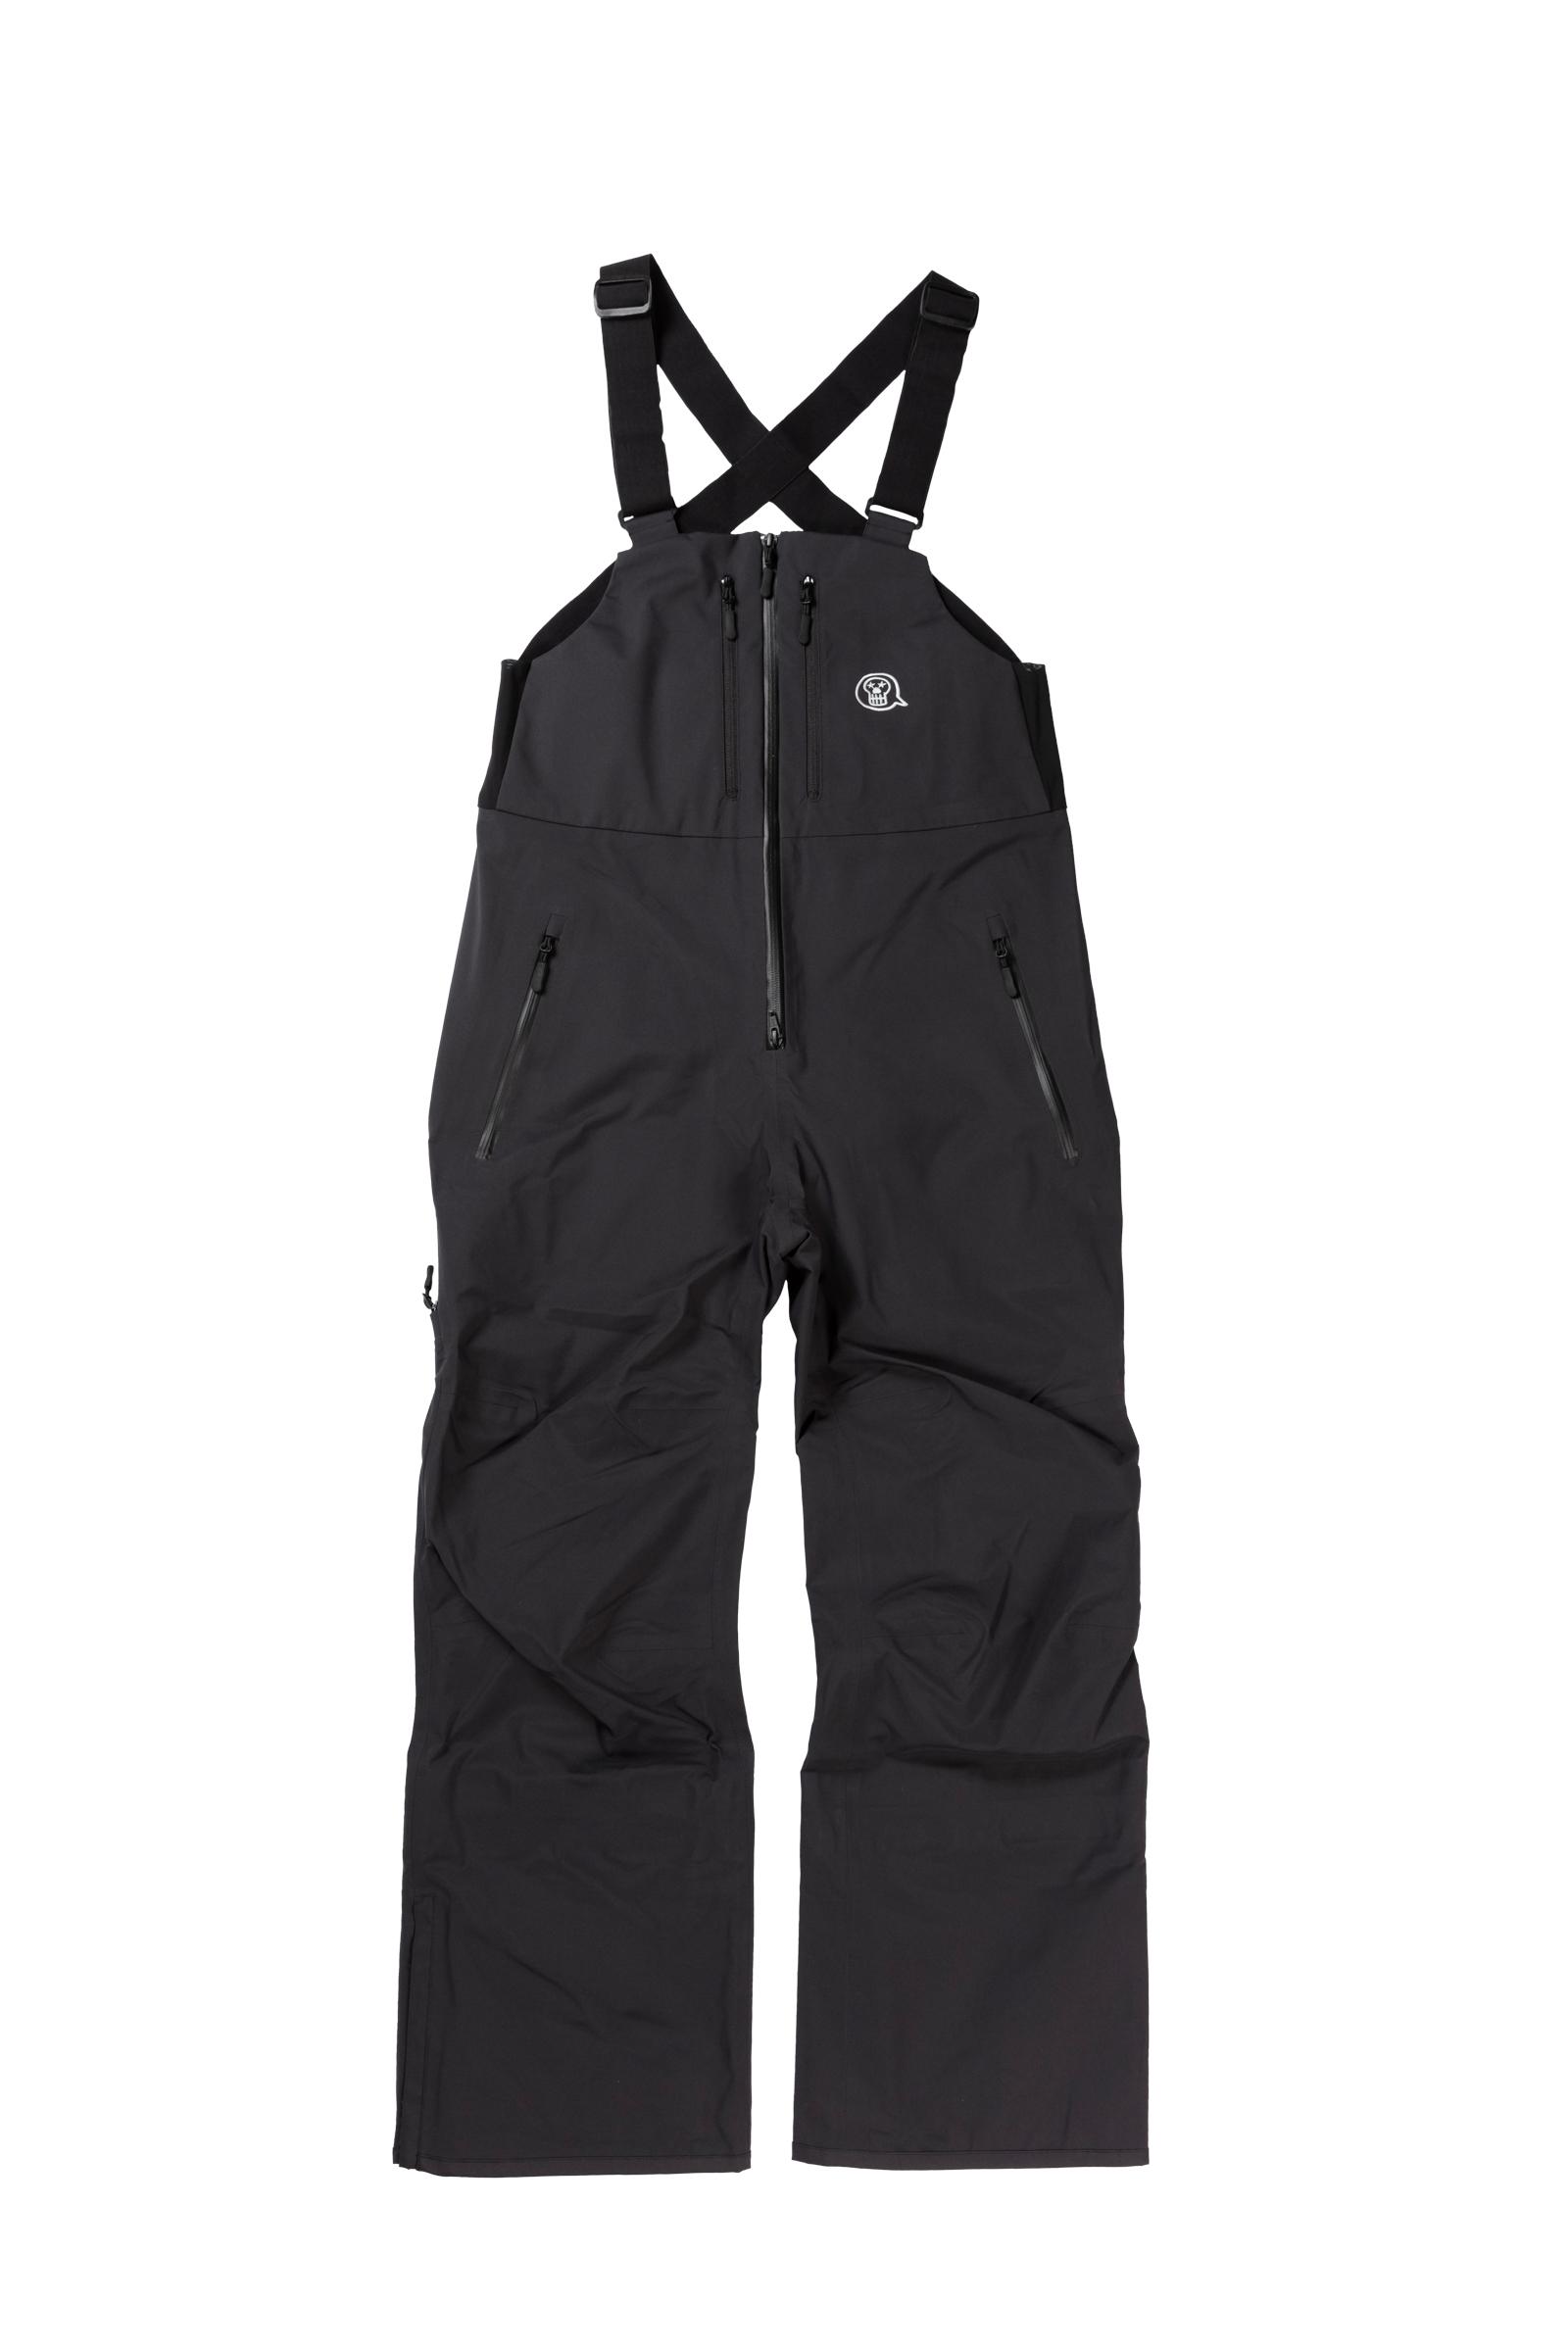 2021unfudge snow wear // PEEP BIB PANTS // BLACK / 10月中旬発送